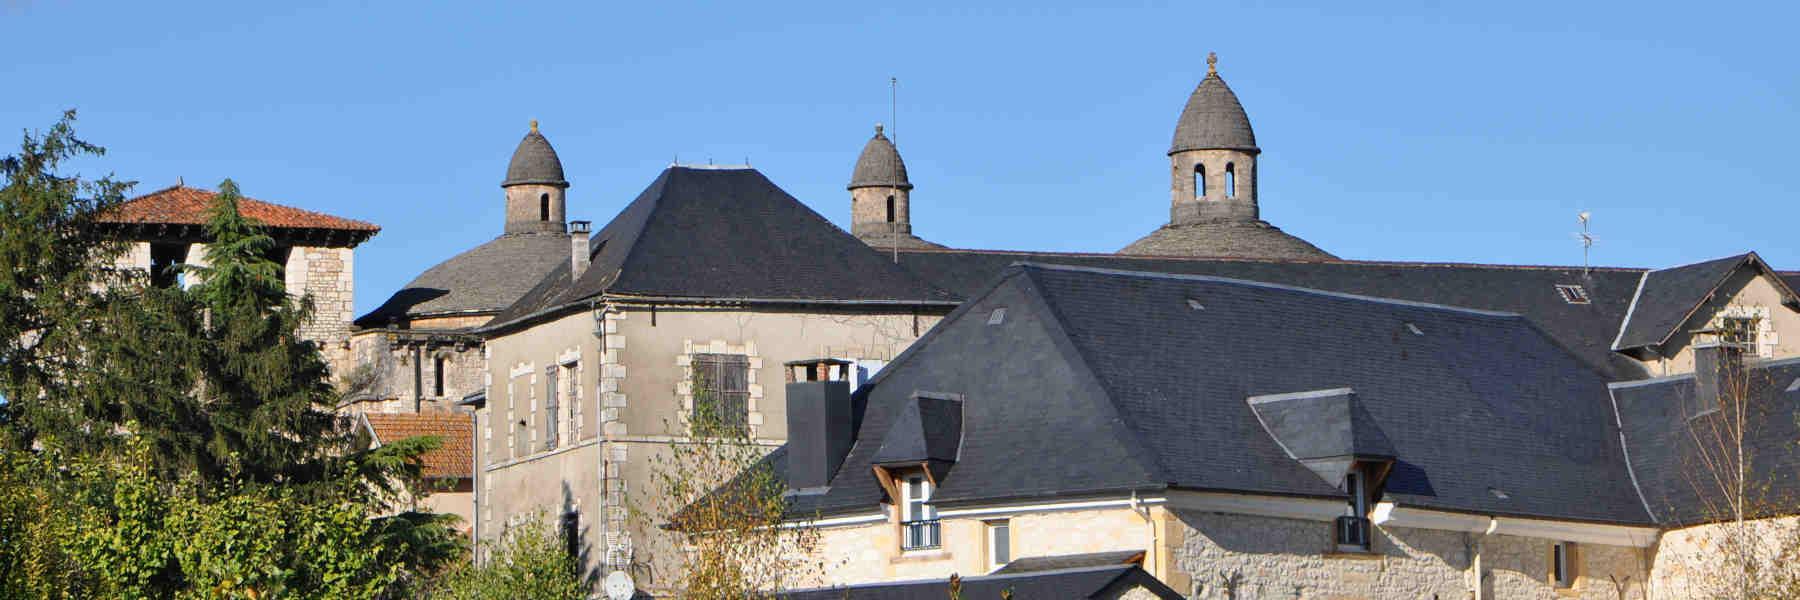 Visite de la ville de Souillac